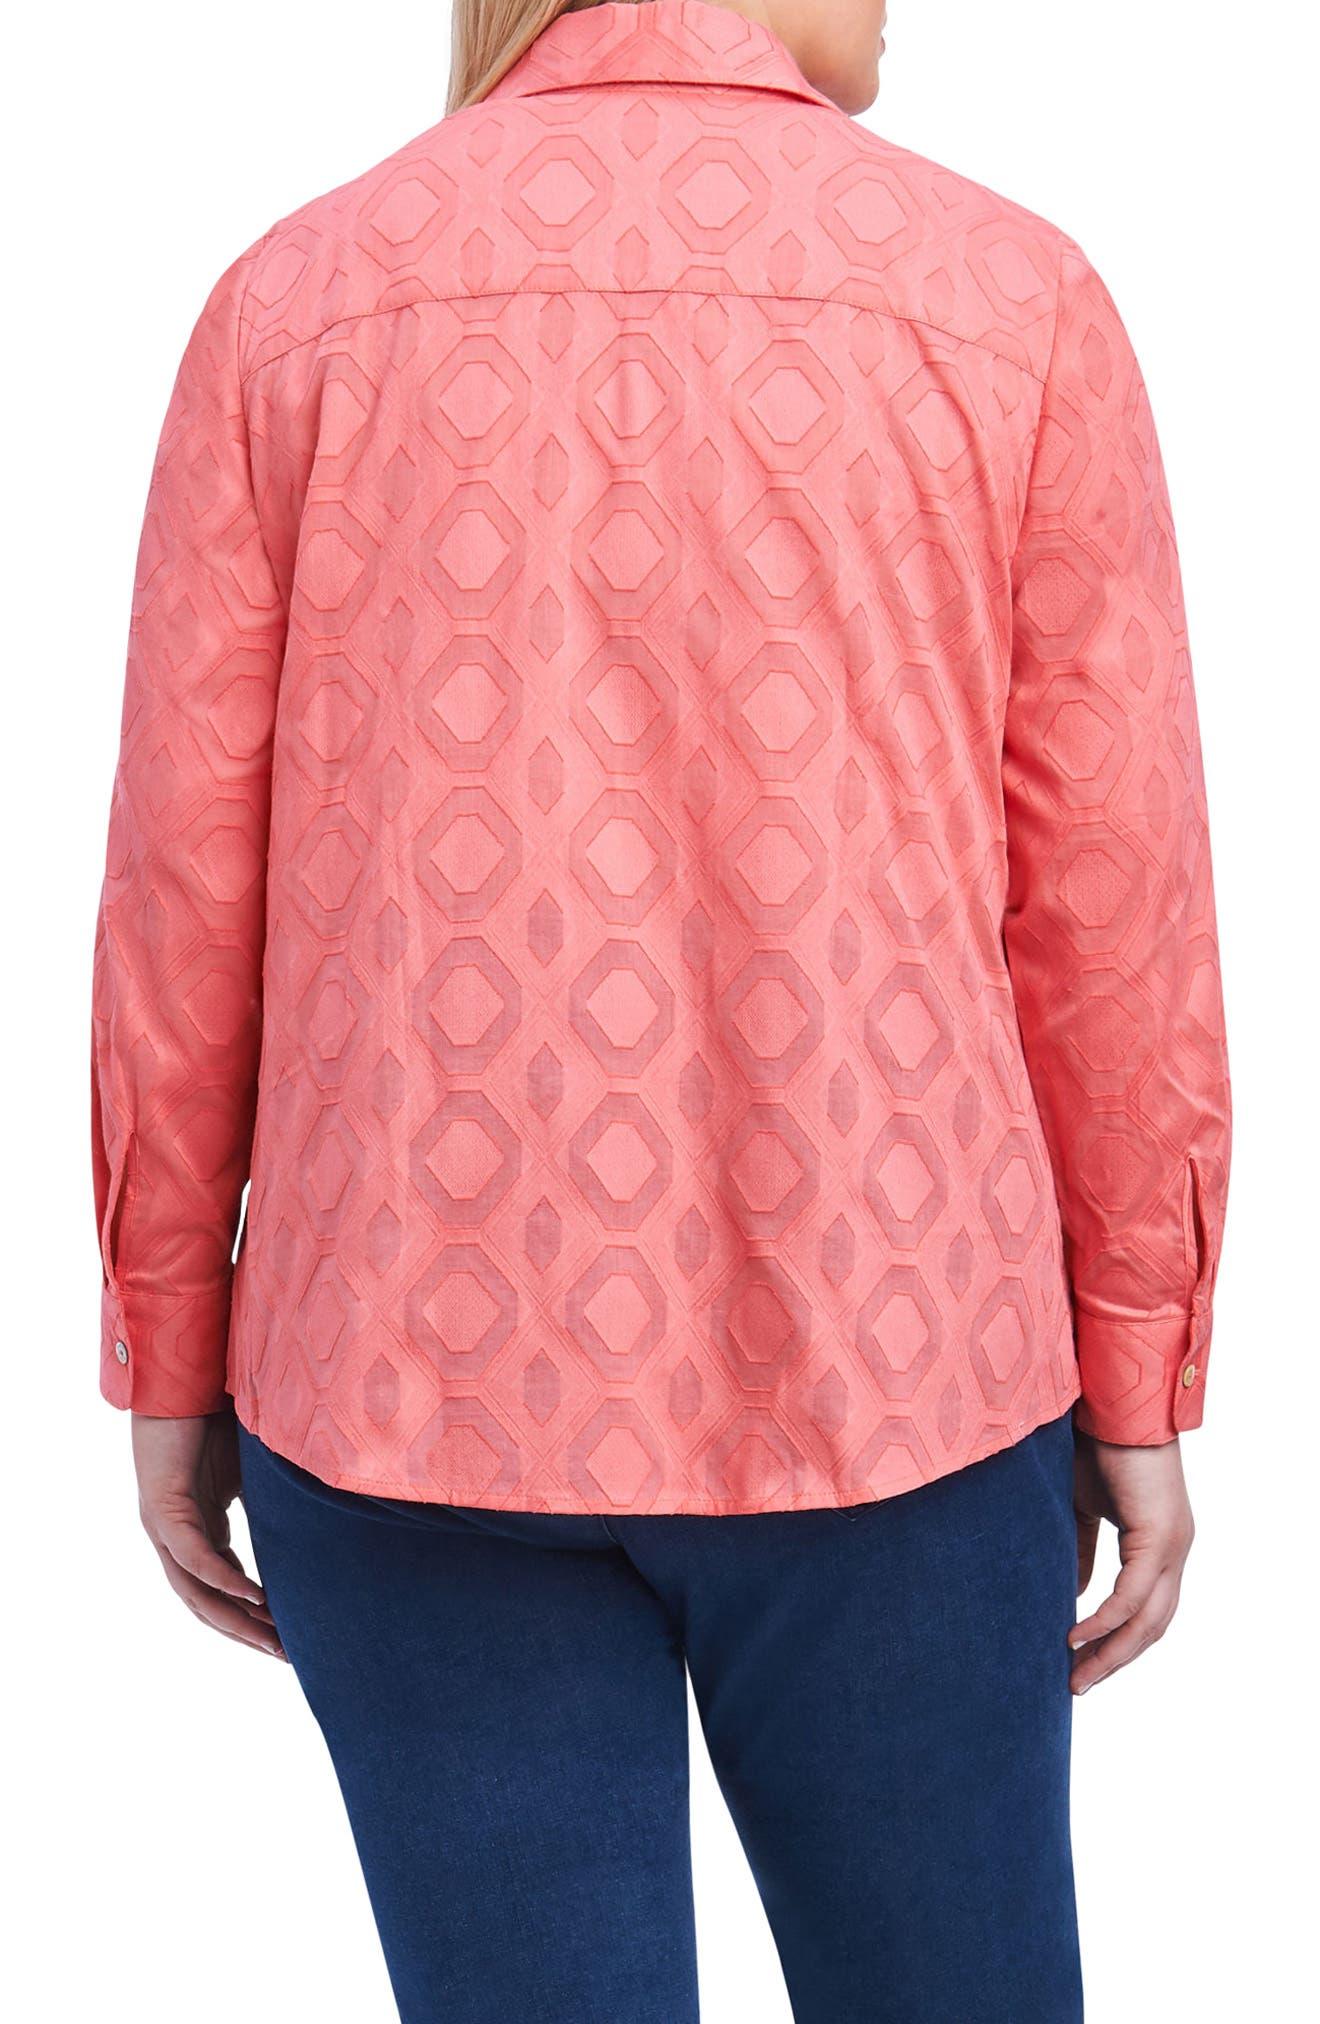 Ava Diamond Clip Jacquard Shirt,                             Alternate thumbnail 2, color,                             Sunset Coral